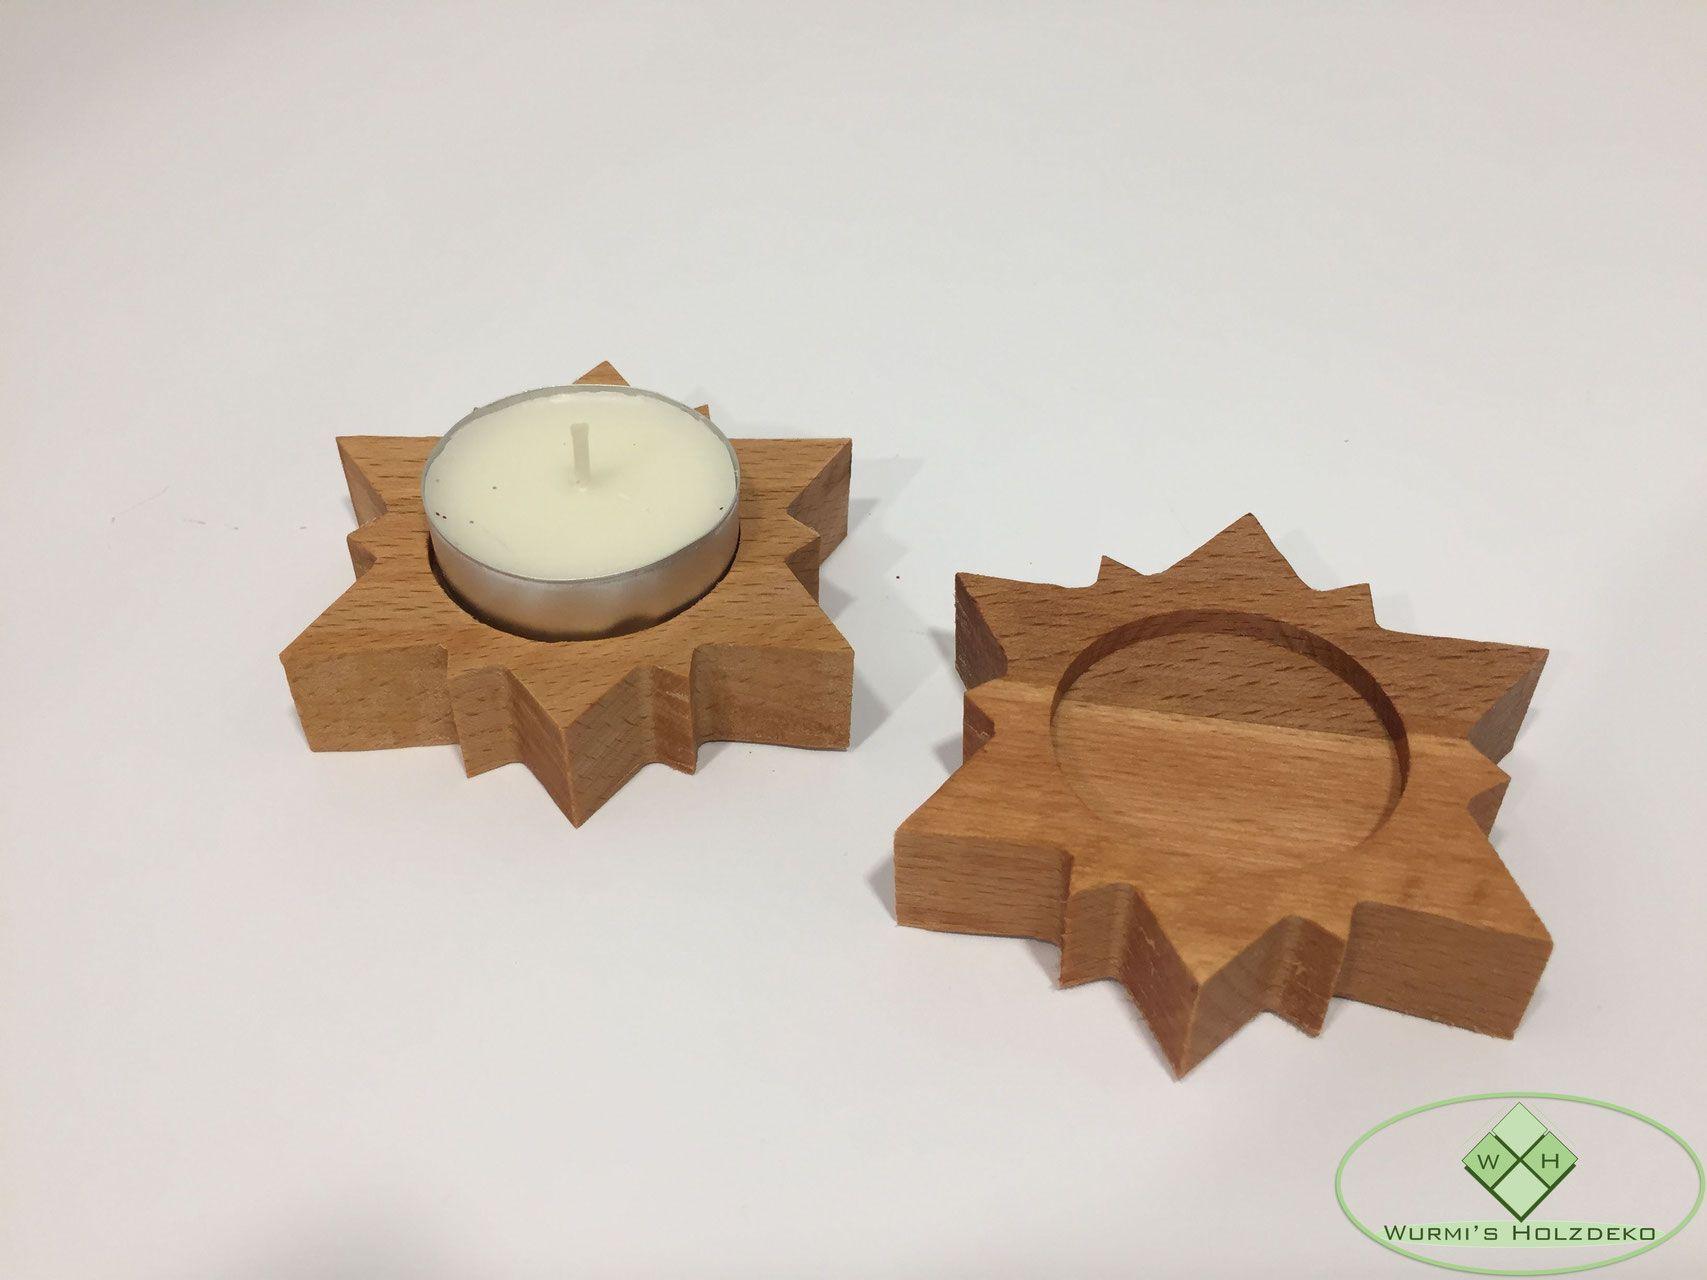 Online Shop für Holzdekoration. Hier findet Ihr schöne und liebevoll gestaltete Holzdekoration. Hier findet Ihr Holzdekoration für Halloween wie zum Beispiel Kürbis aus Holz. #weihnachtenholz